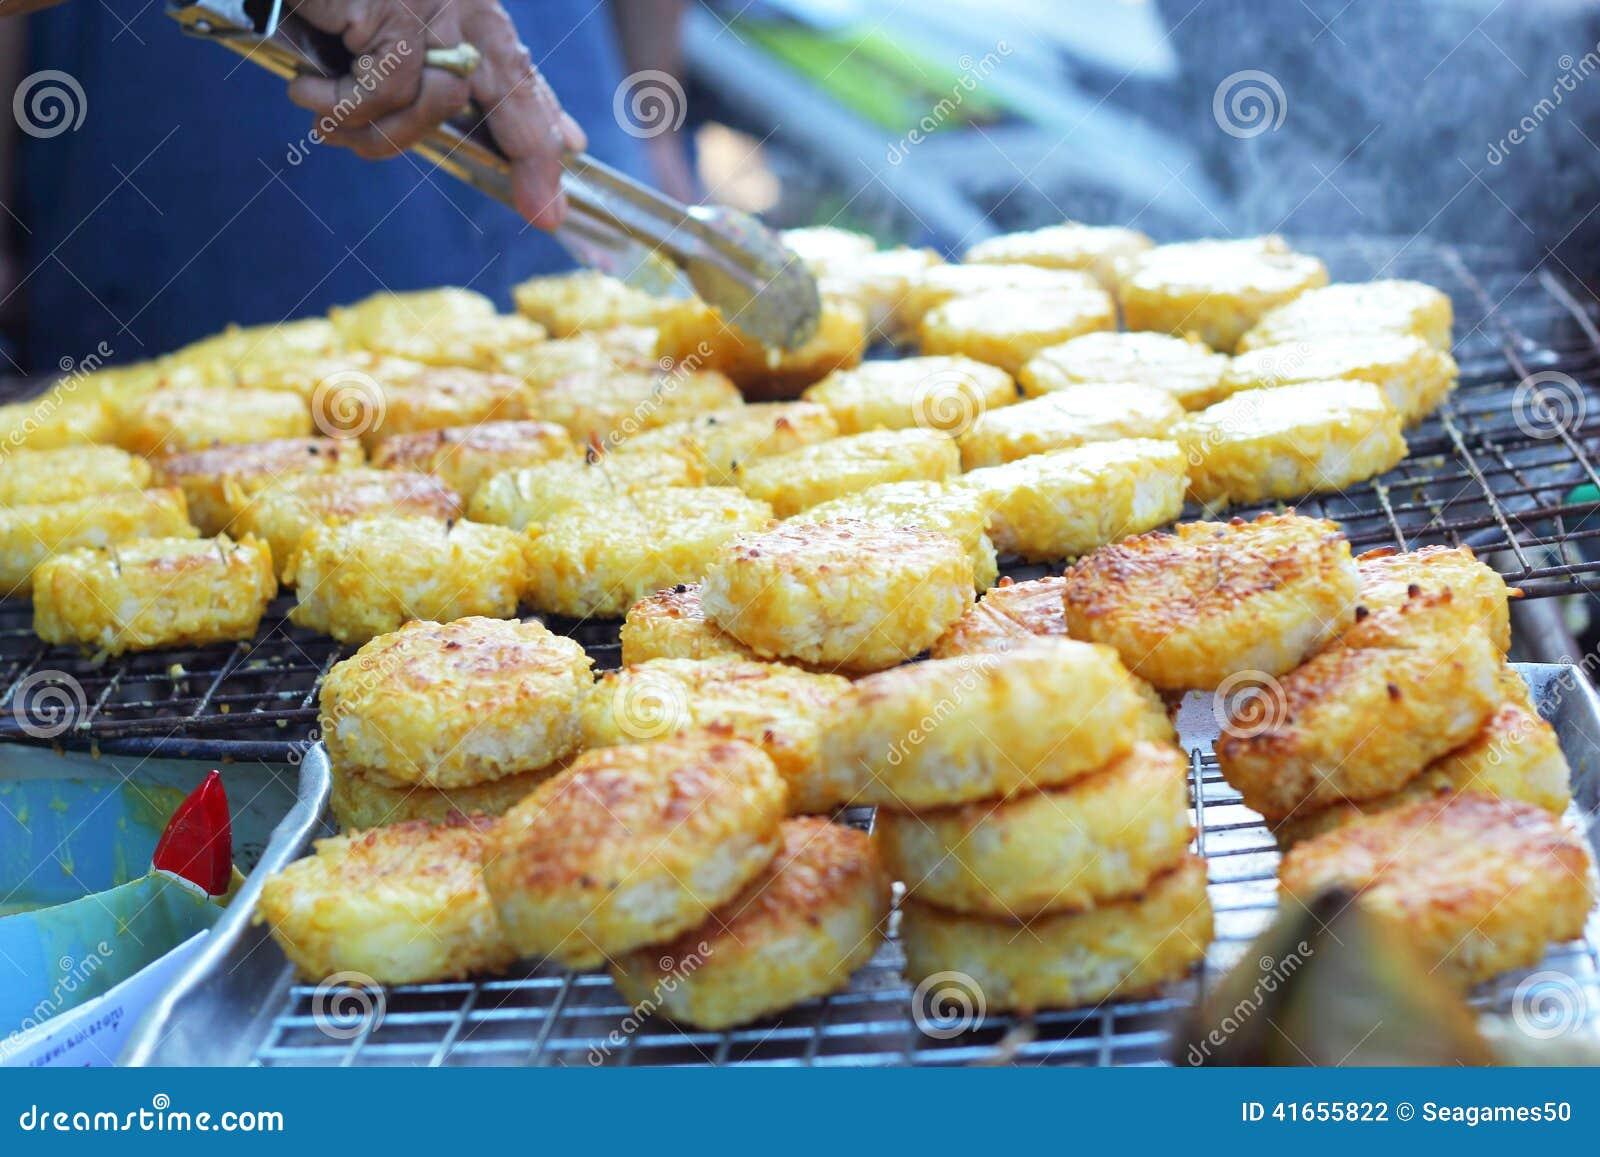 Торты риса в Азии - еде Азии